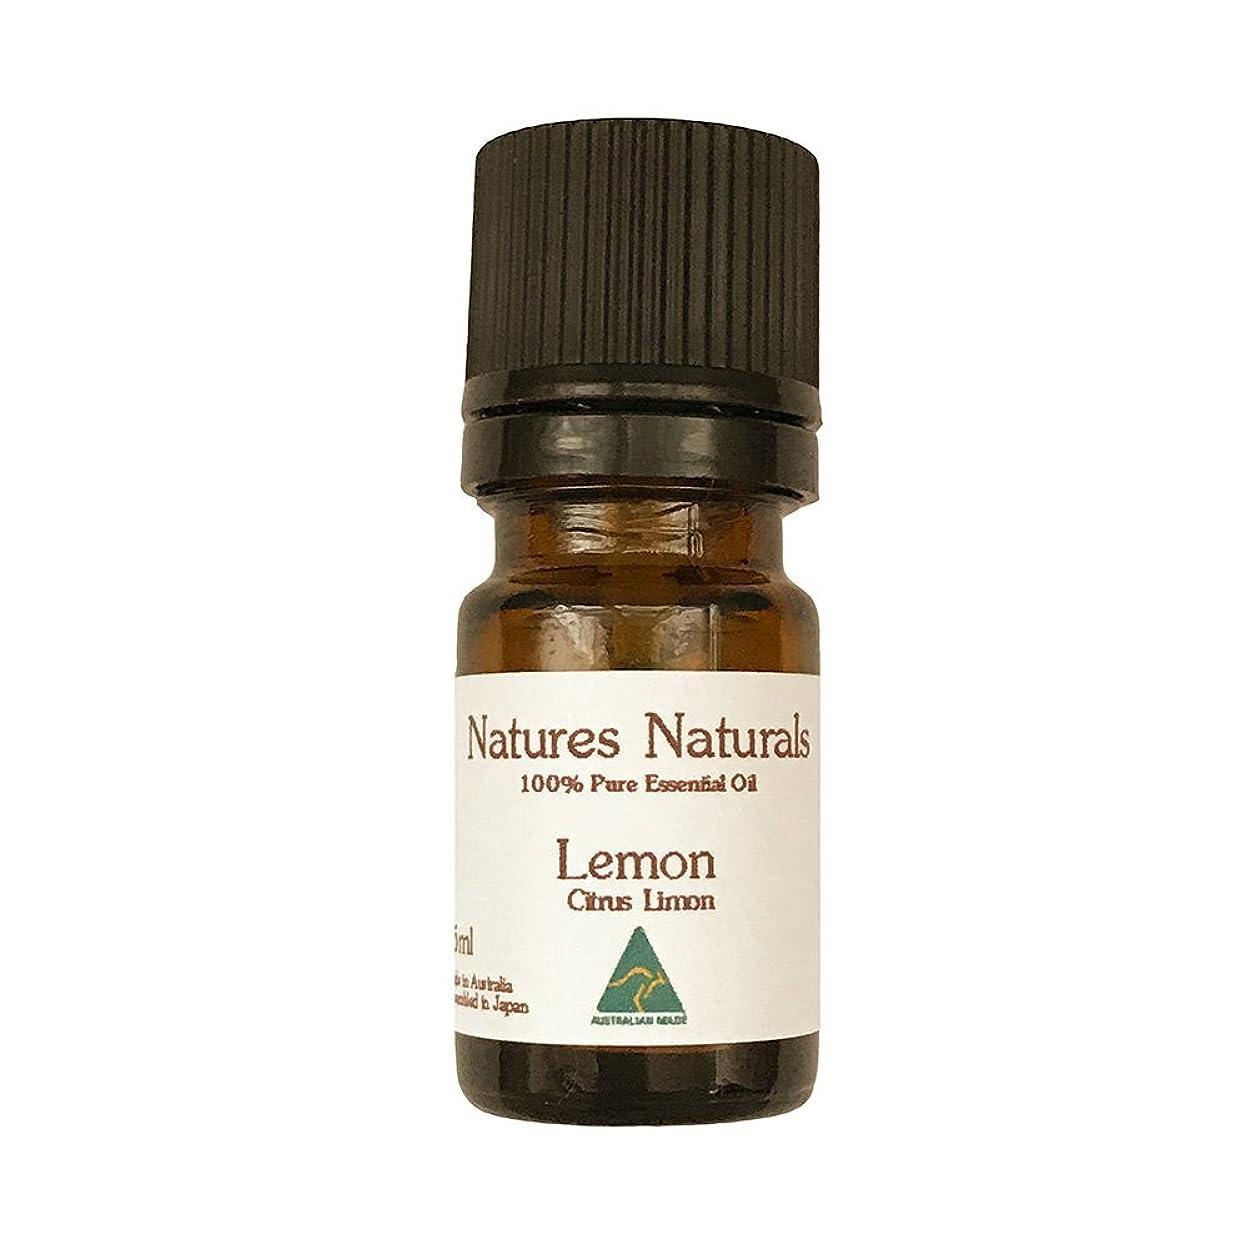 土地説教胆嚢レモン エッセンシャルオイル 100% 精油 5ml